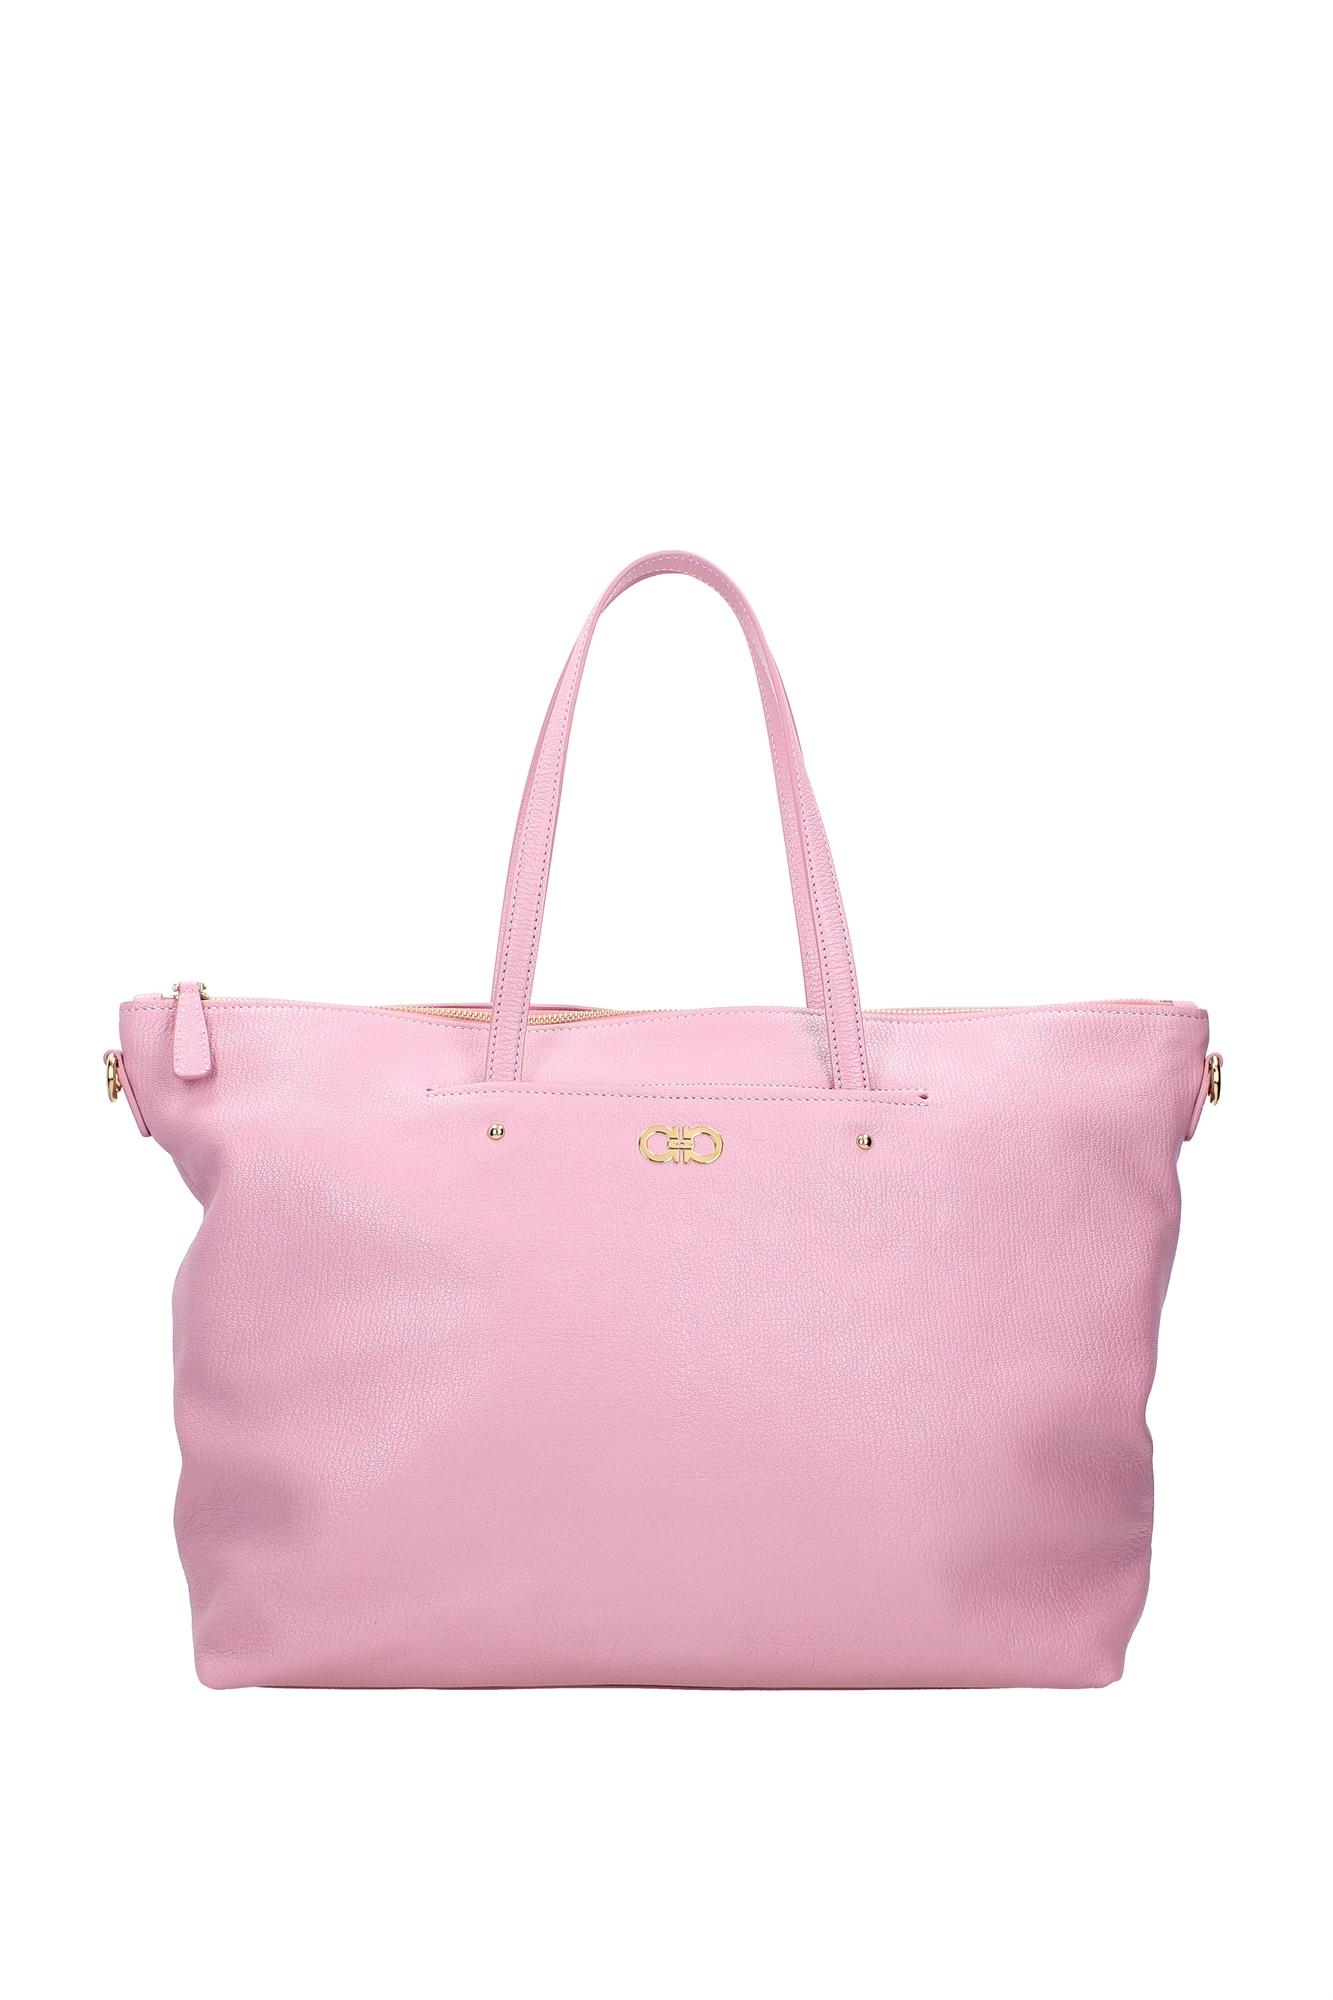 Borse Shopping Salvatore Ferragamo Donna Pelle Rosa 21f6510106322779 - salvatore ferragamo - ebay.it